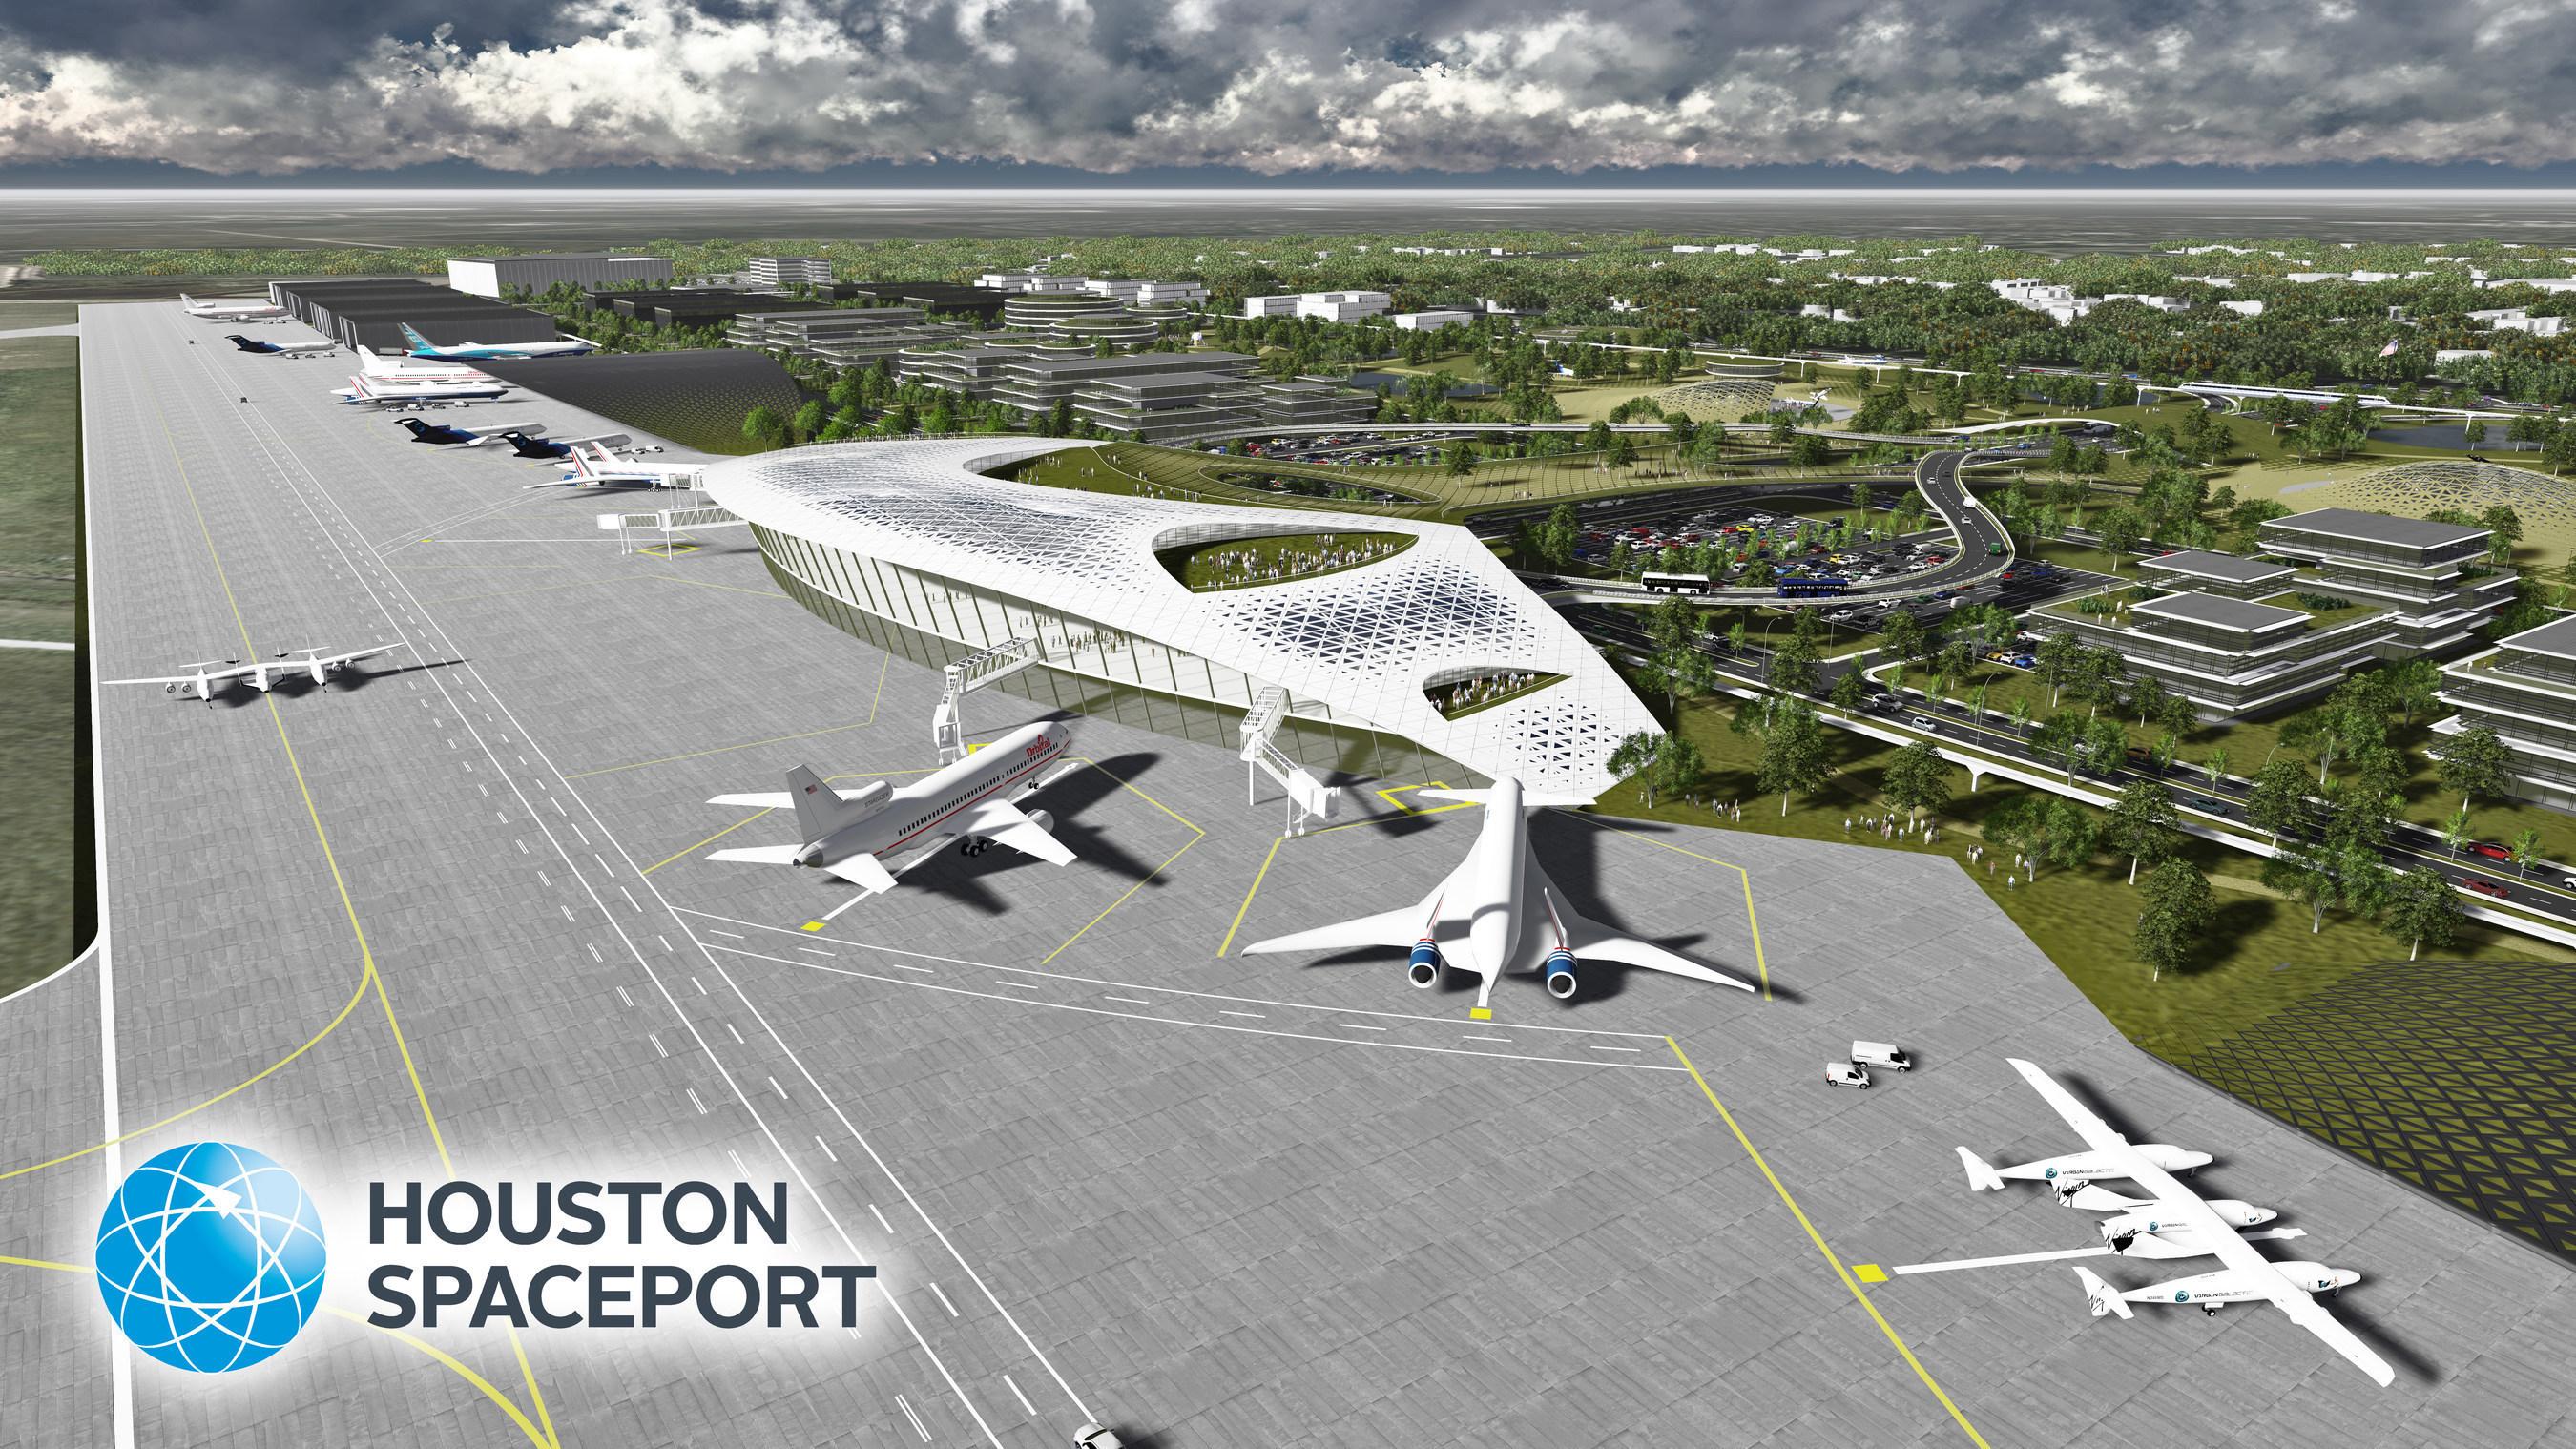 Plannen Houston Airport System voor ruimtevaartcentrum goedgekeurd door FAA